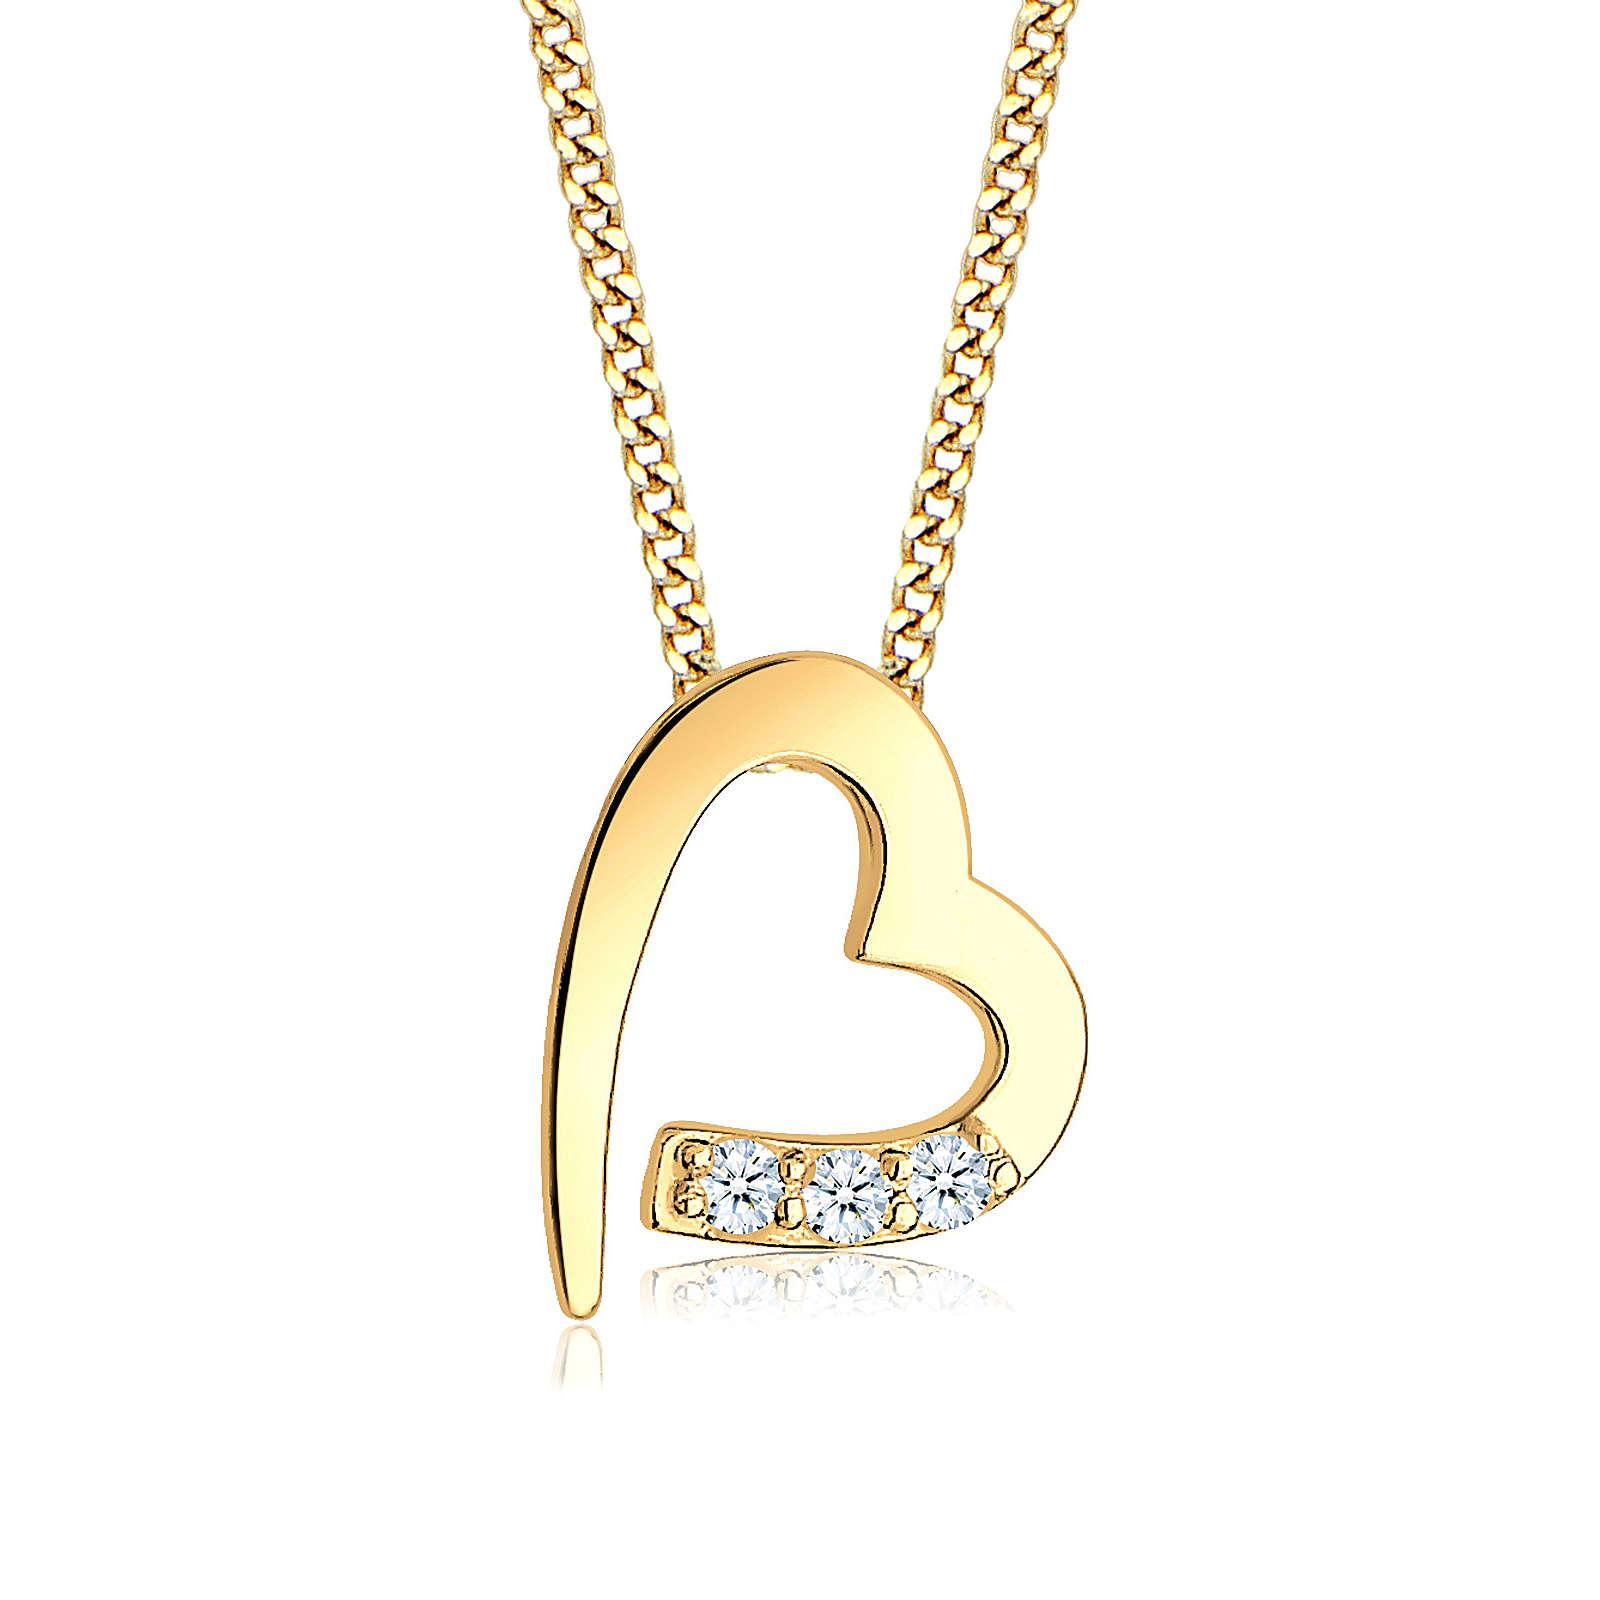 Diamore Halskette Herz Diamanten (0.06 ct.) 585er Gelbgold Halsketten gold Damen Gr. one size